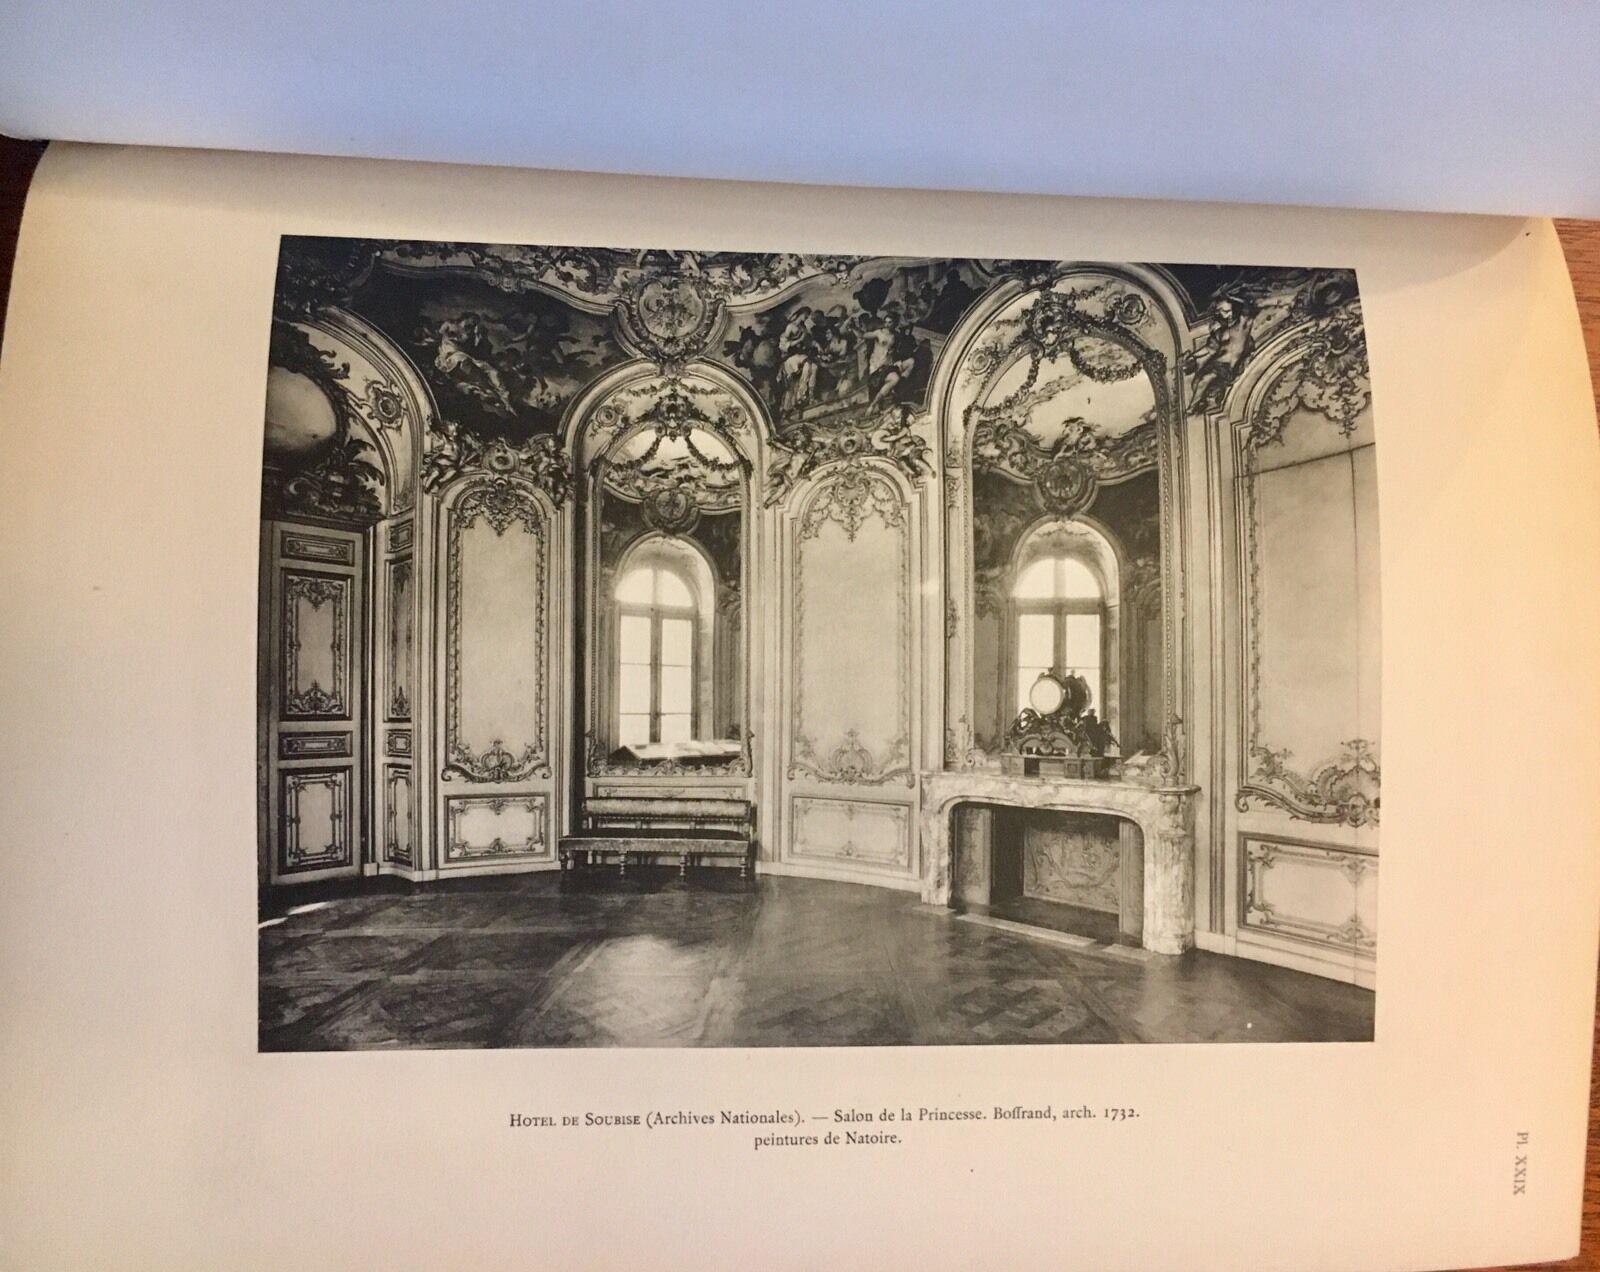 Decor Interieur By Ballot Architecture 1700 S Paris Louis Xv